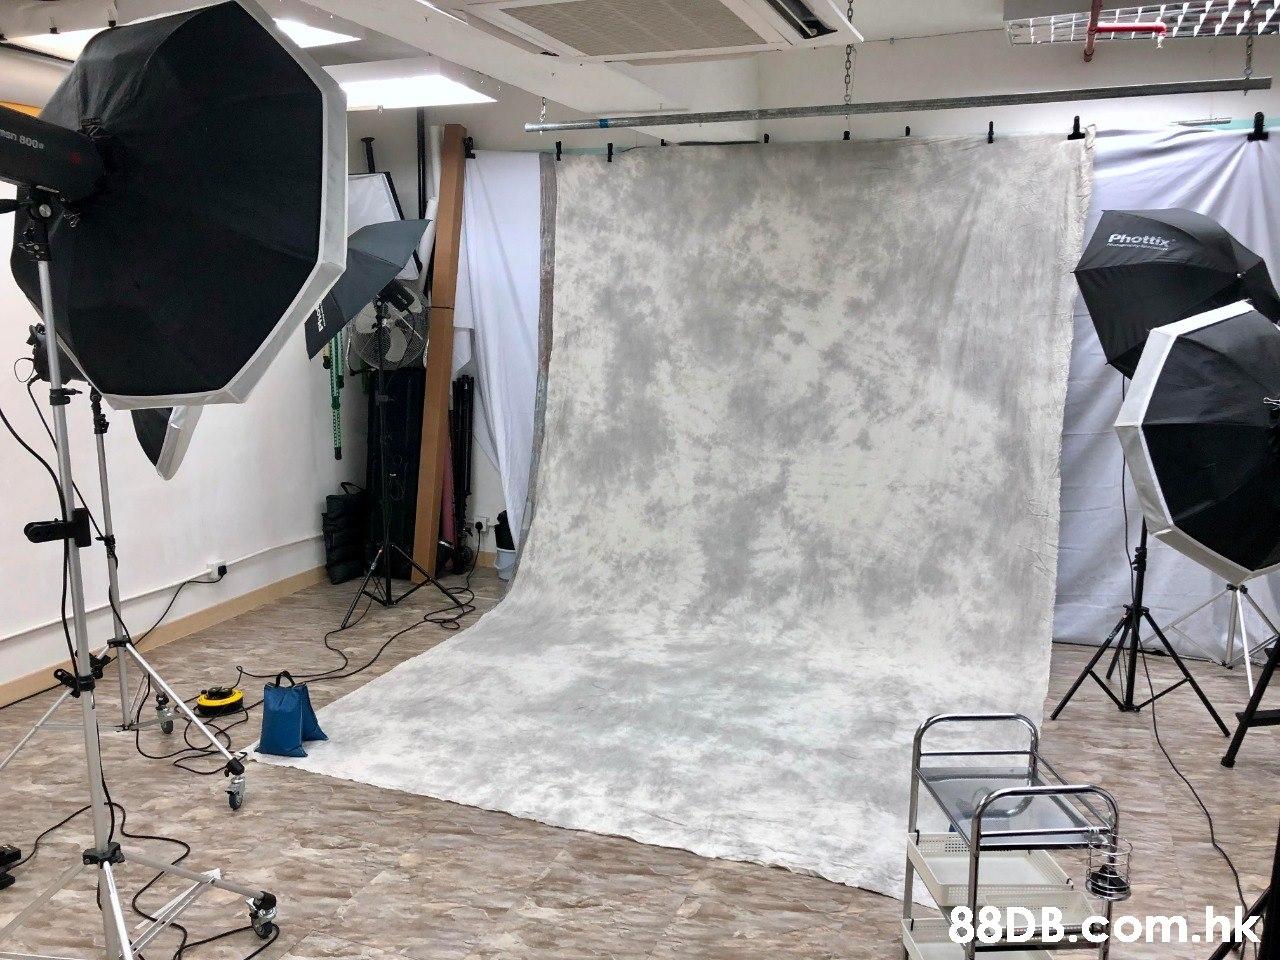 Phottix sn 800 .hk  Floor,Room,Interior design,Film studio,Flooring